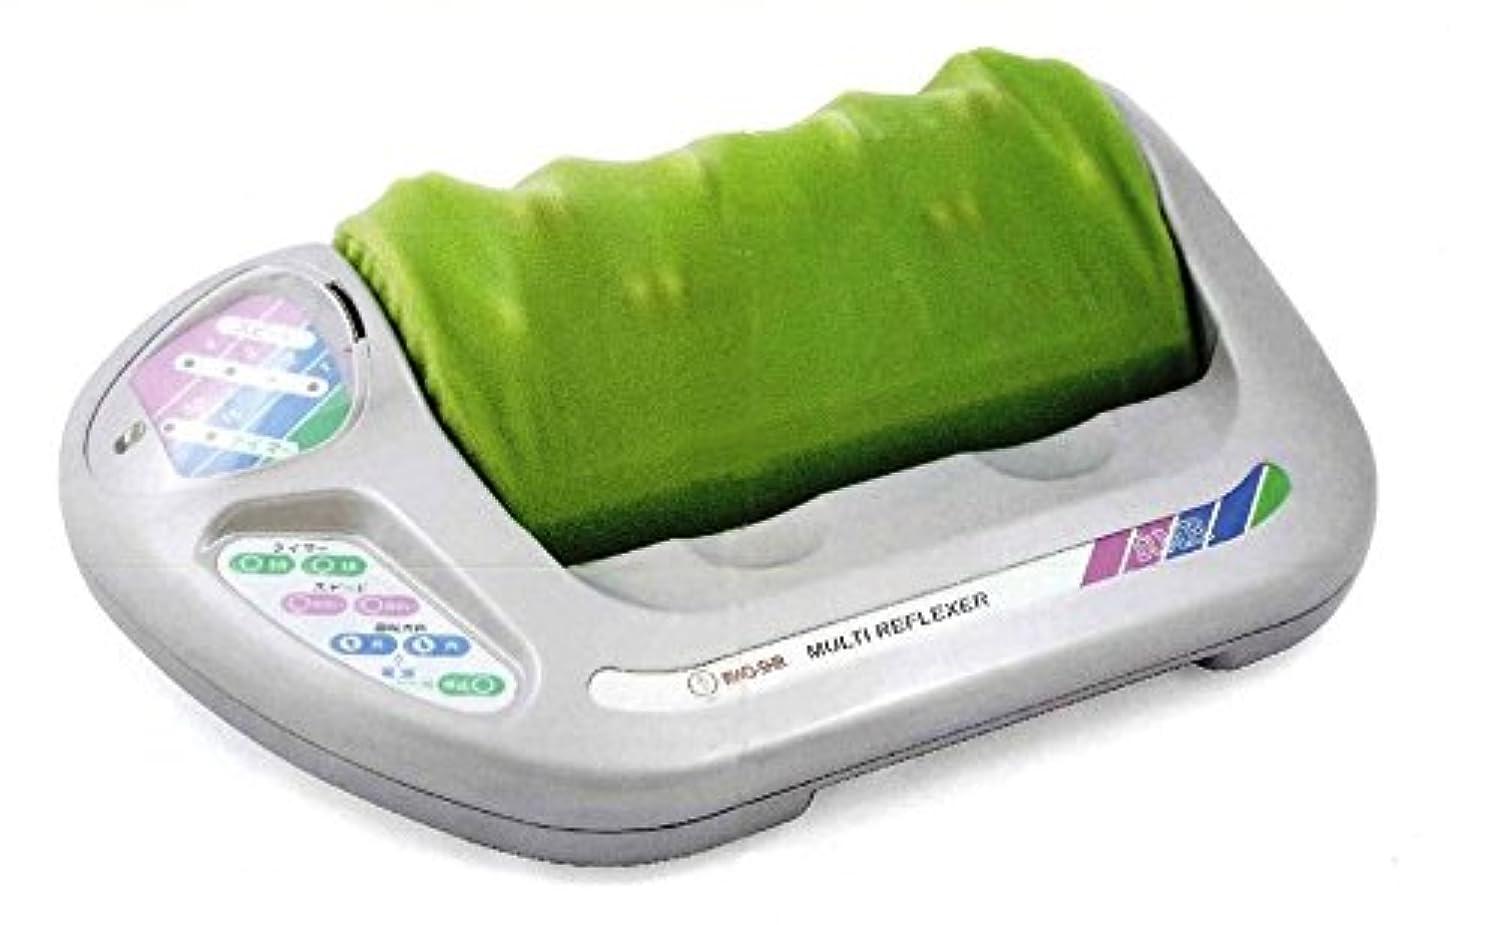 装置目的補助金若石RMR足療ローラー 足もみ入門セットつき 国際若石健康研究会推奨純正品